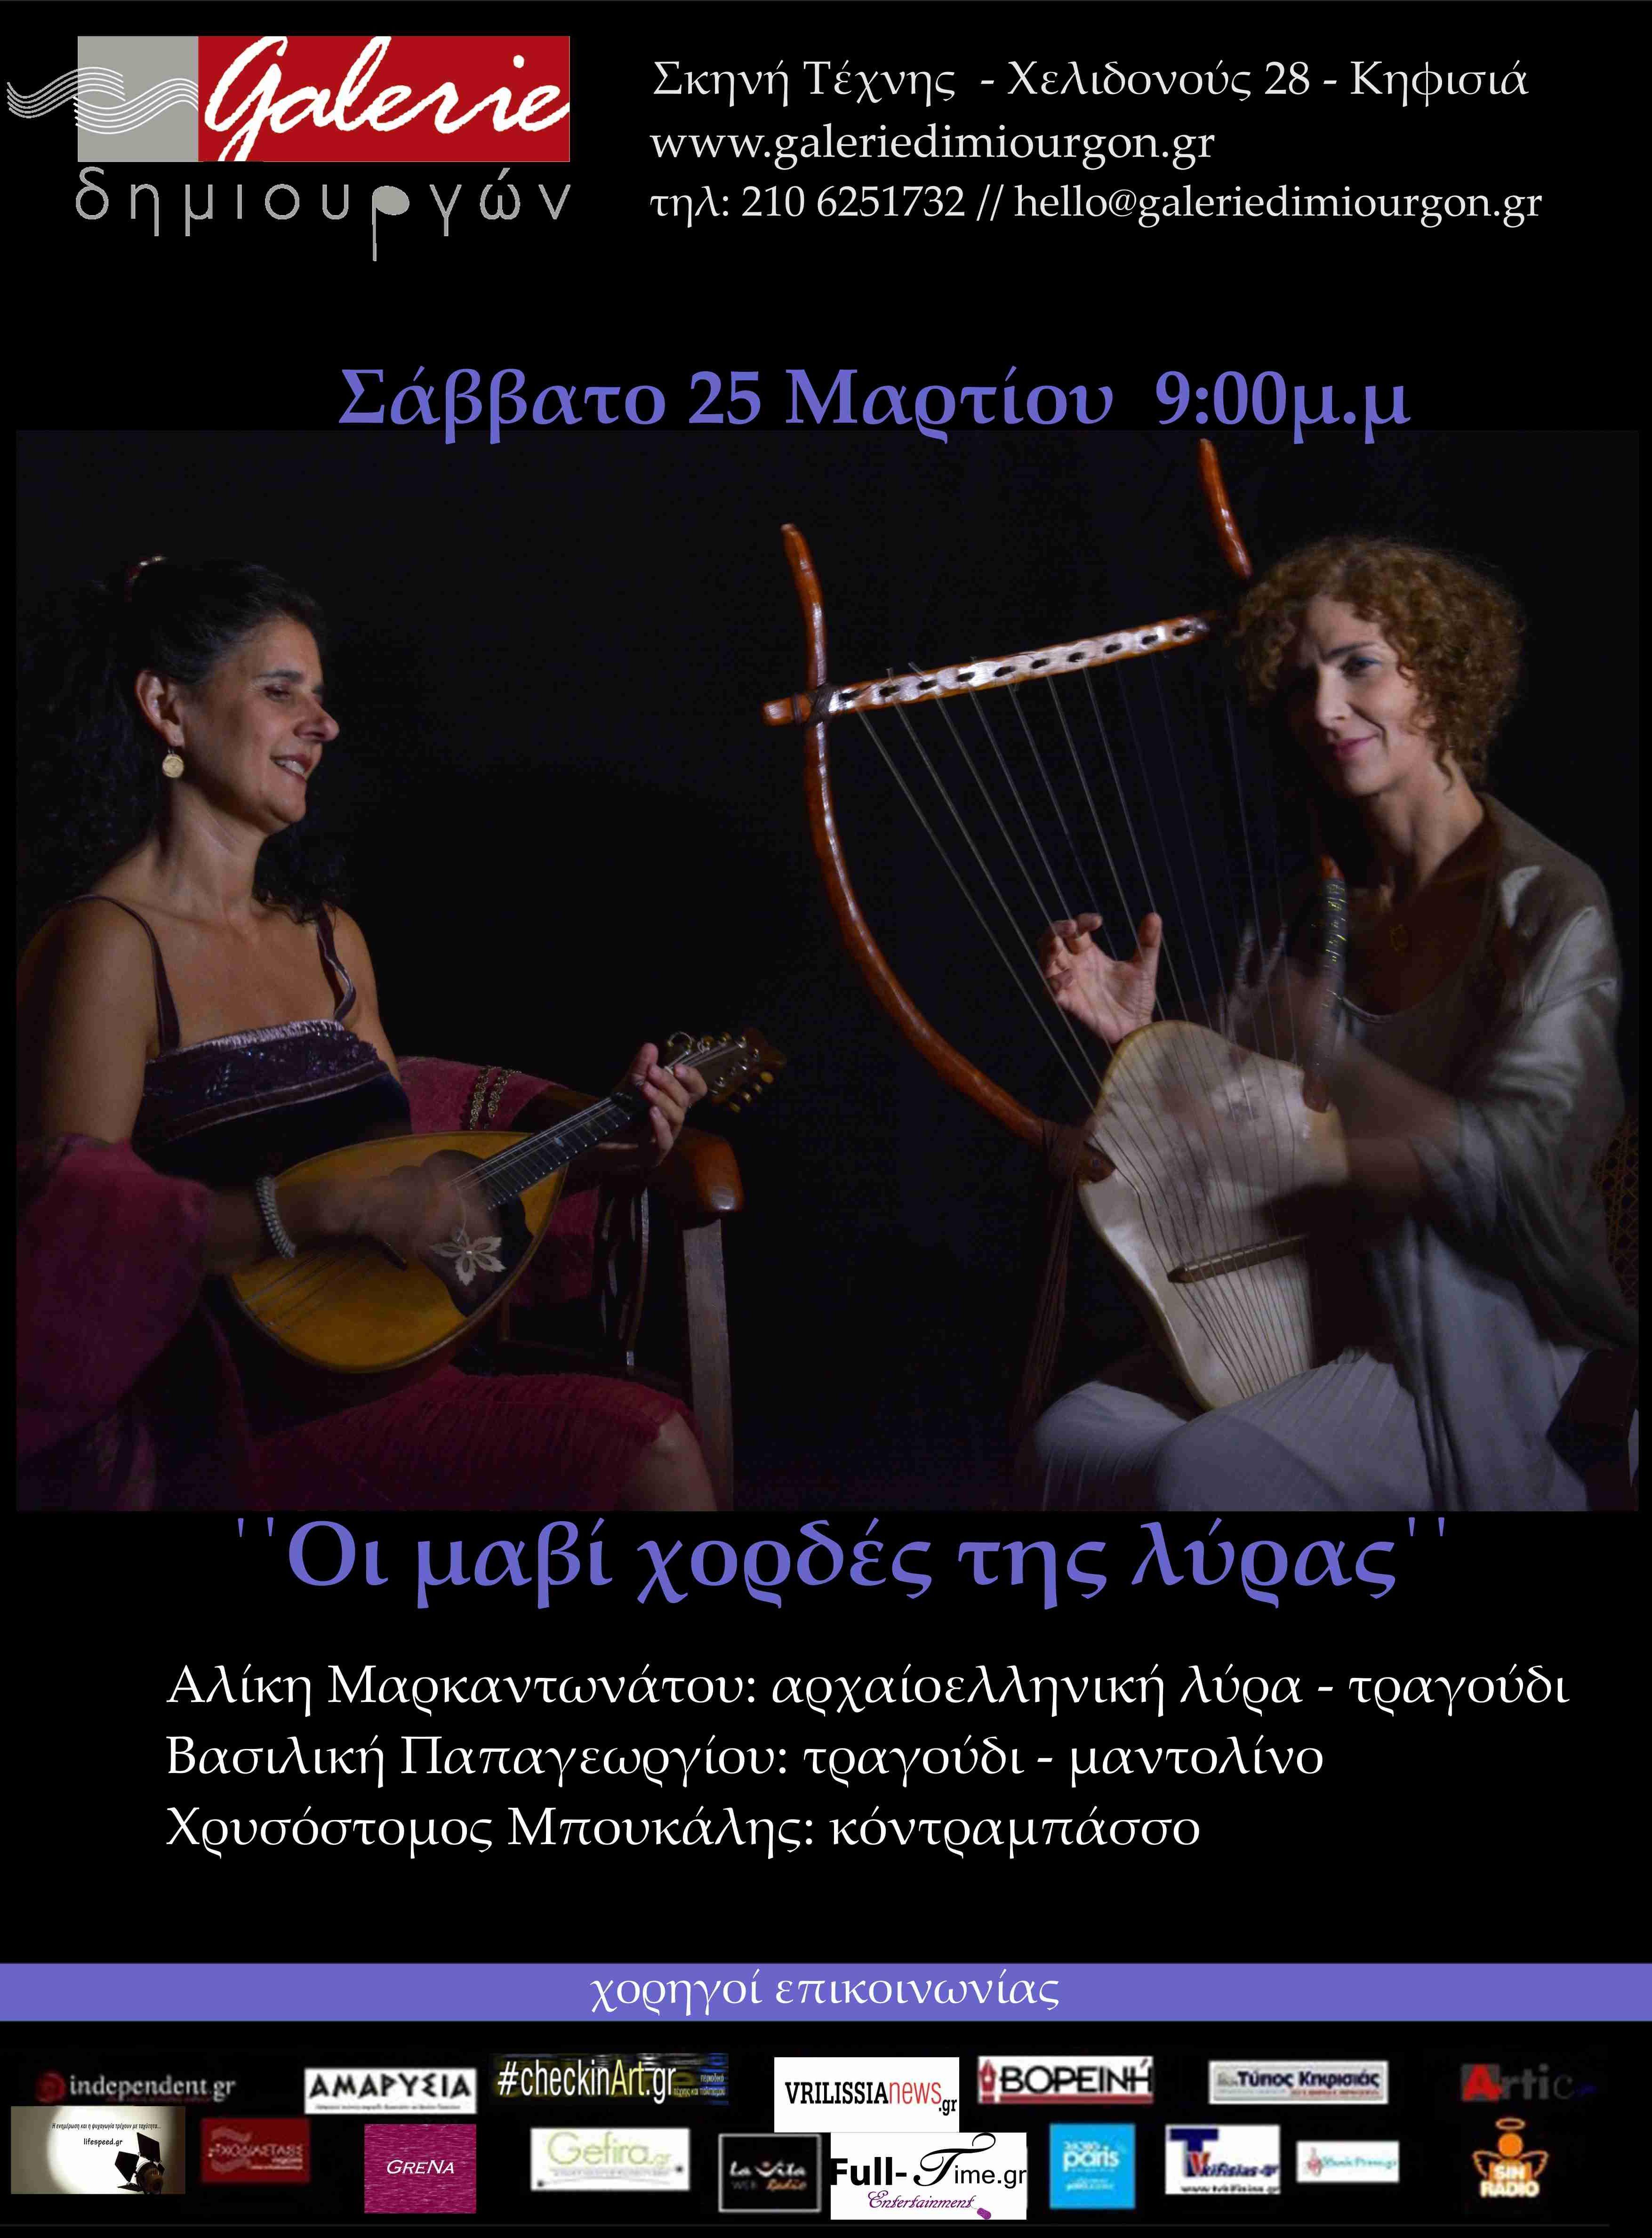 Galerie Dimiourgon 25-3-2017